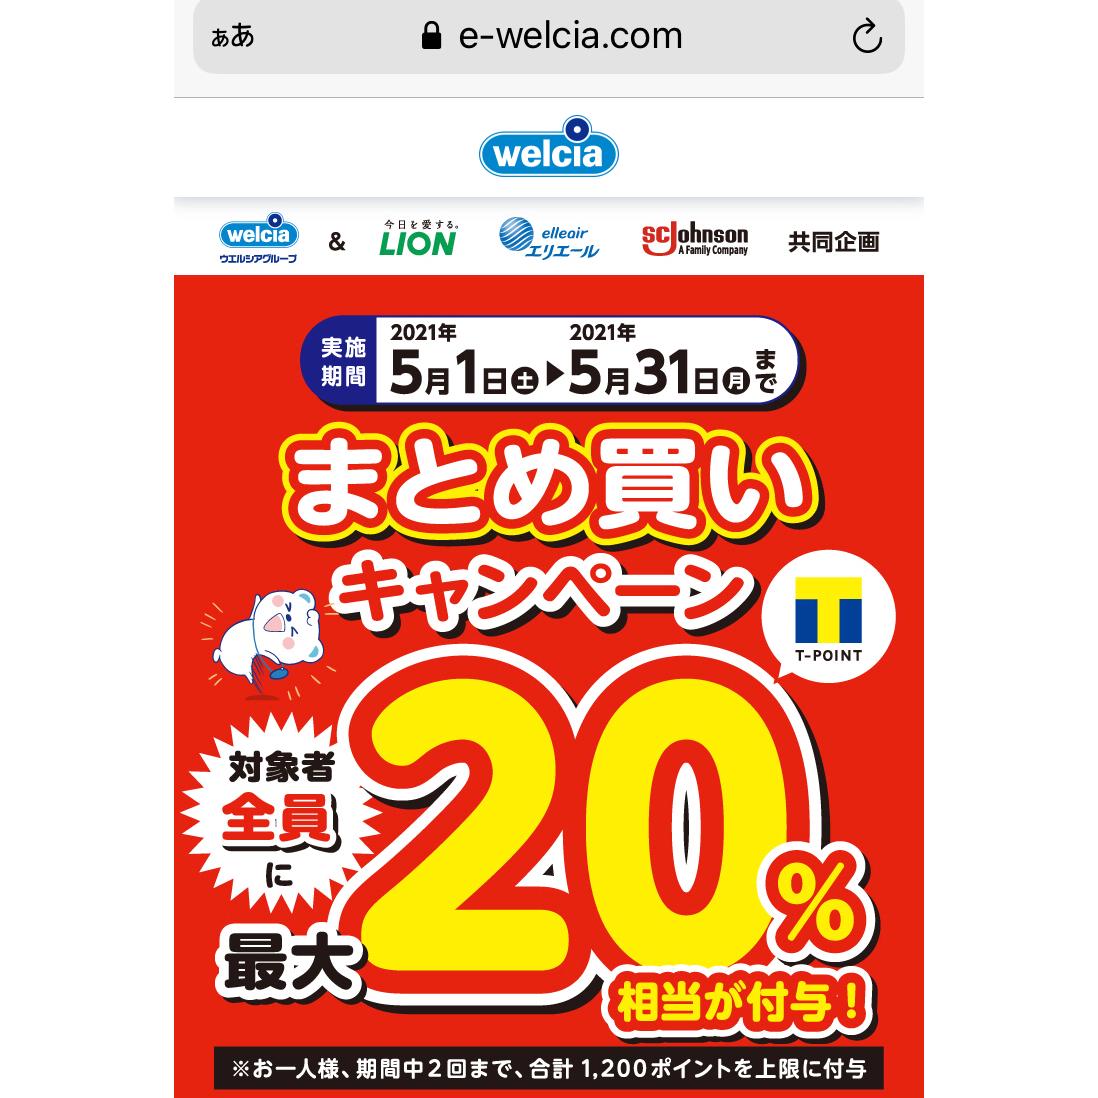 f:id:nanagattsublog:20210510151714p:plain